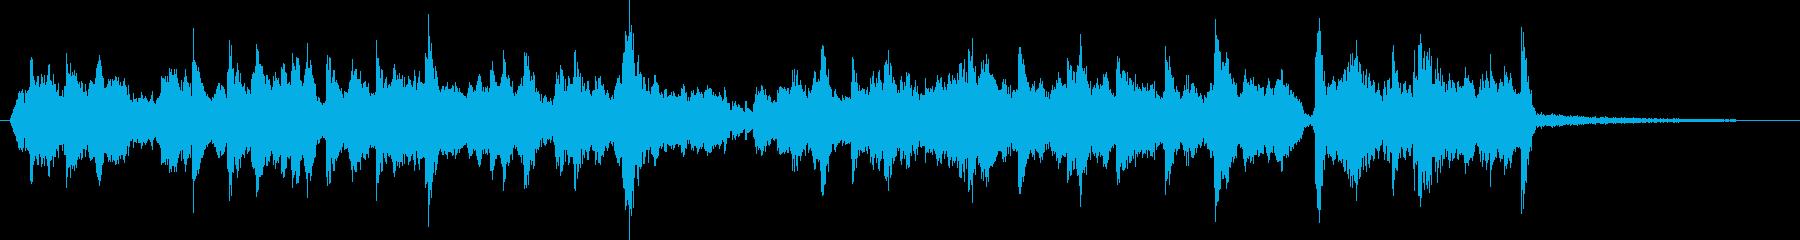 セルティックなアイルランド風のジングルの再生済みの波形